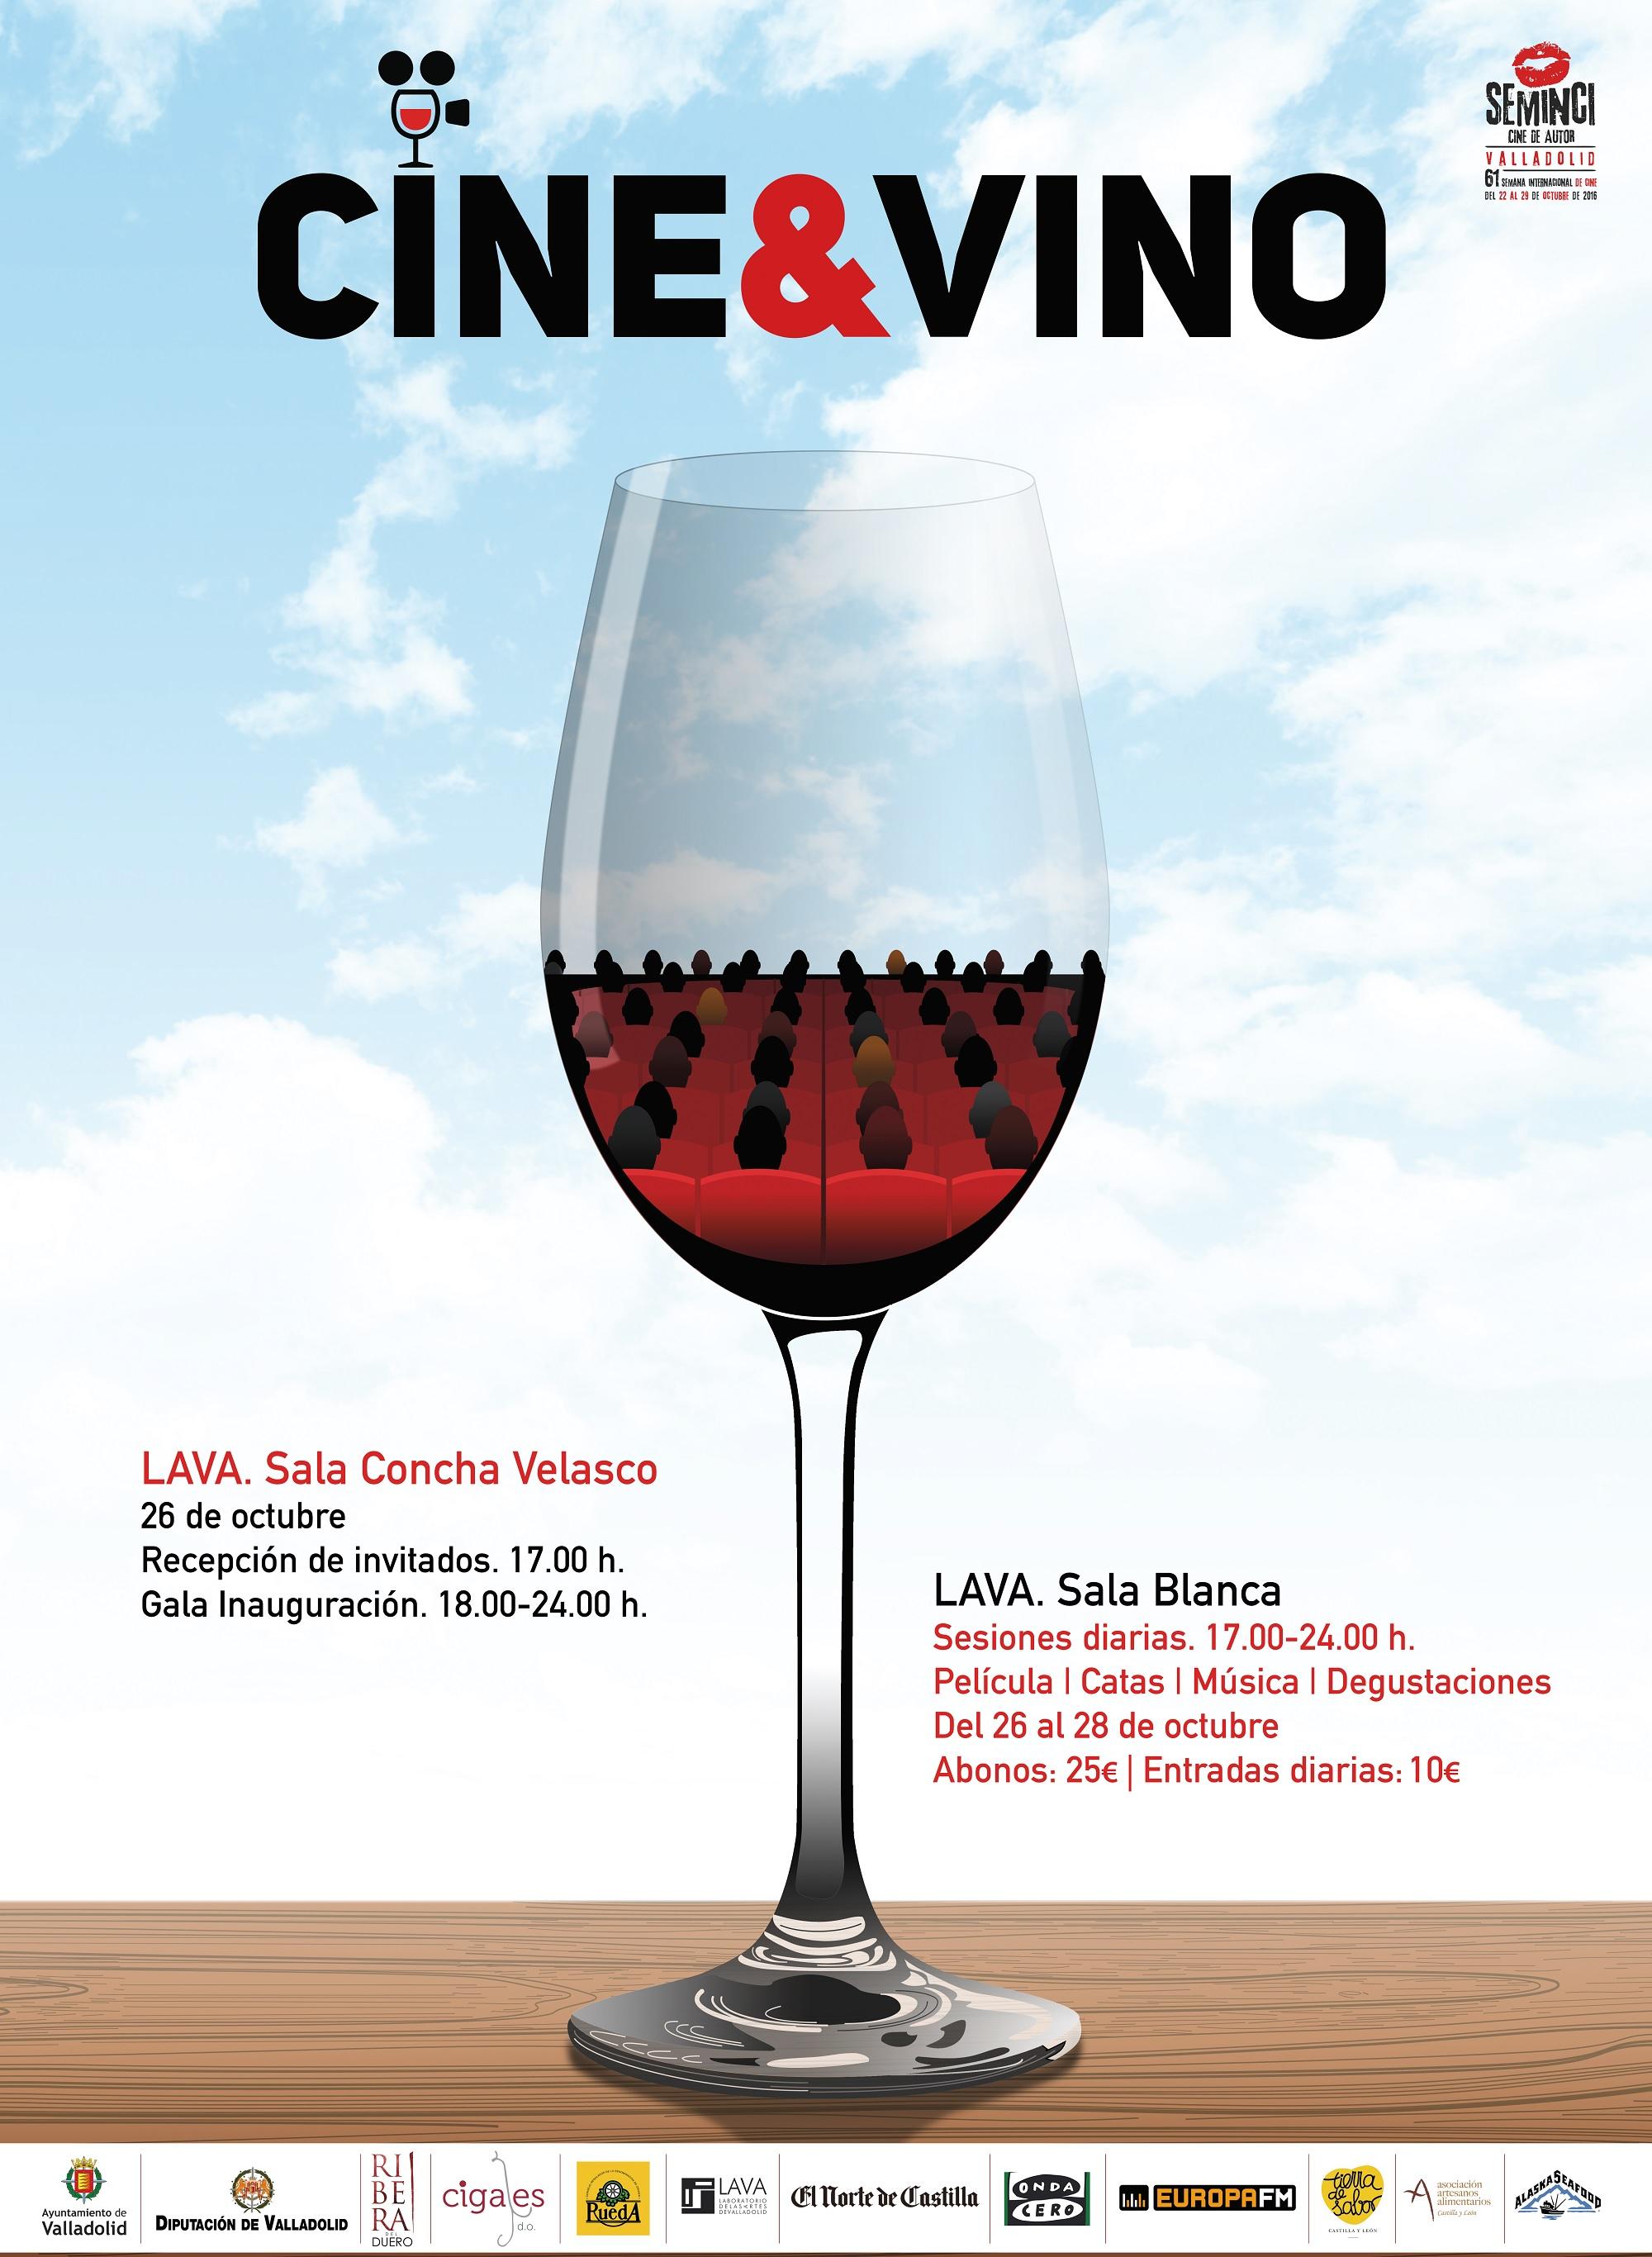 La DO Cigales se viste de gala para el Ciclo Cine&Vino de Seminci